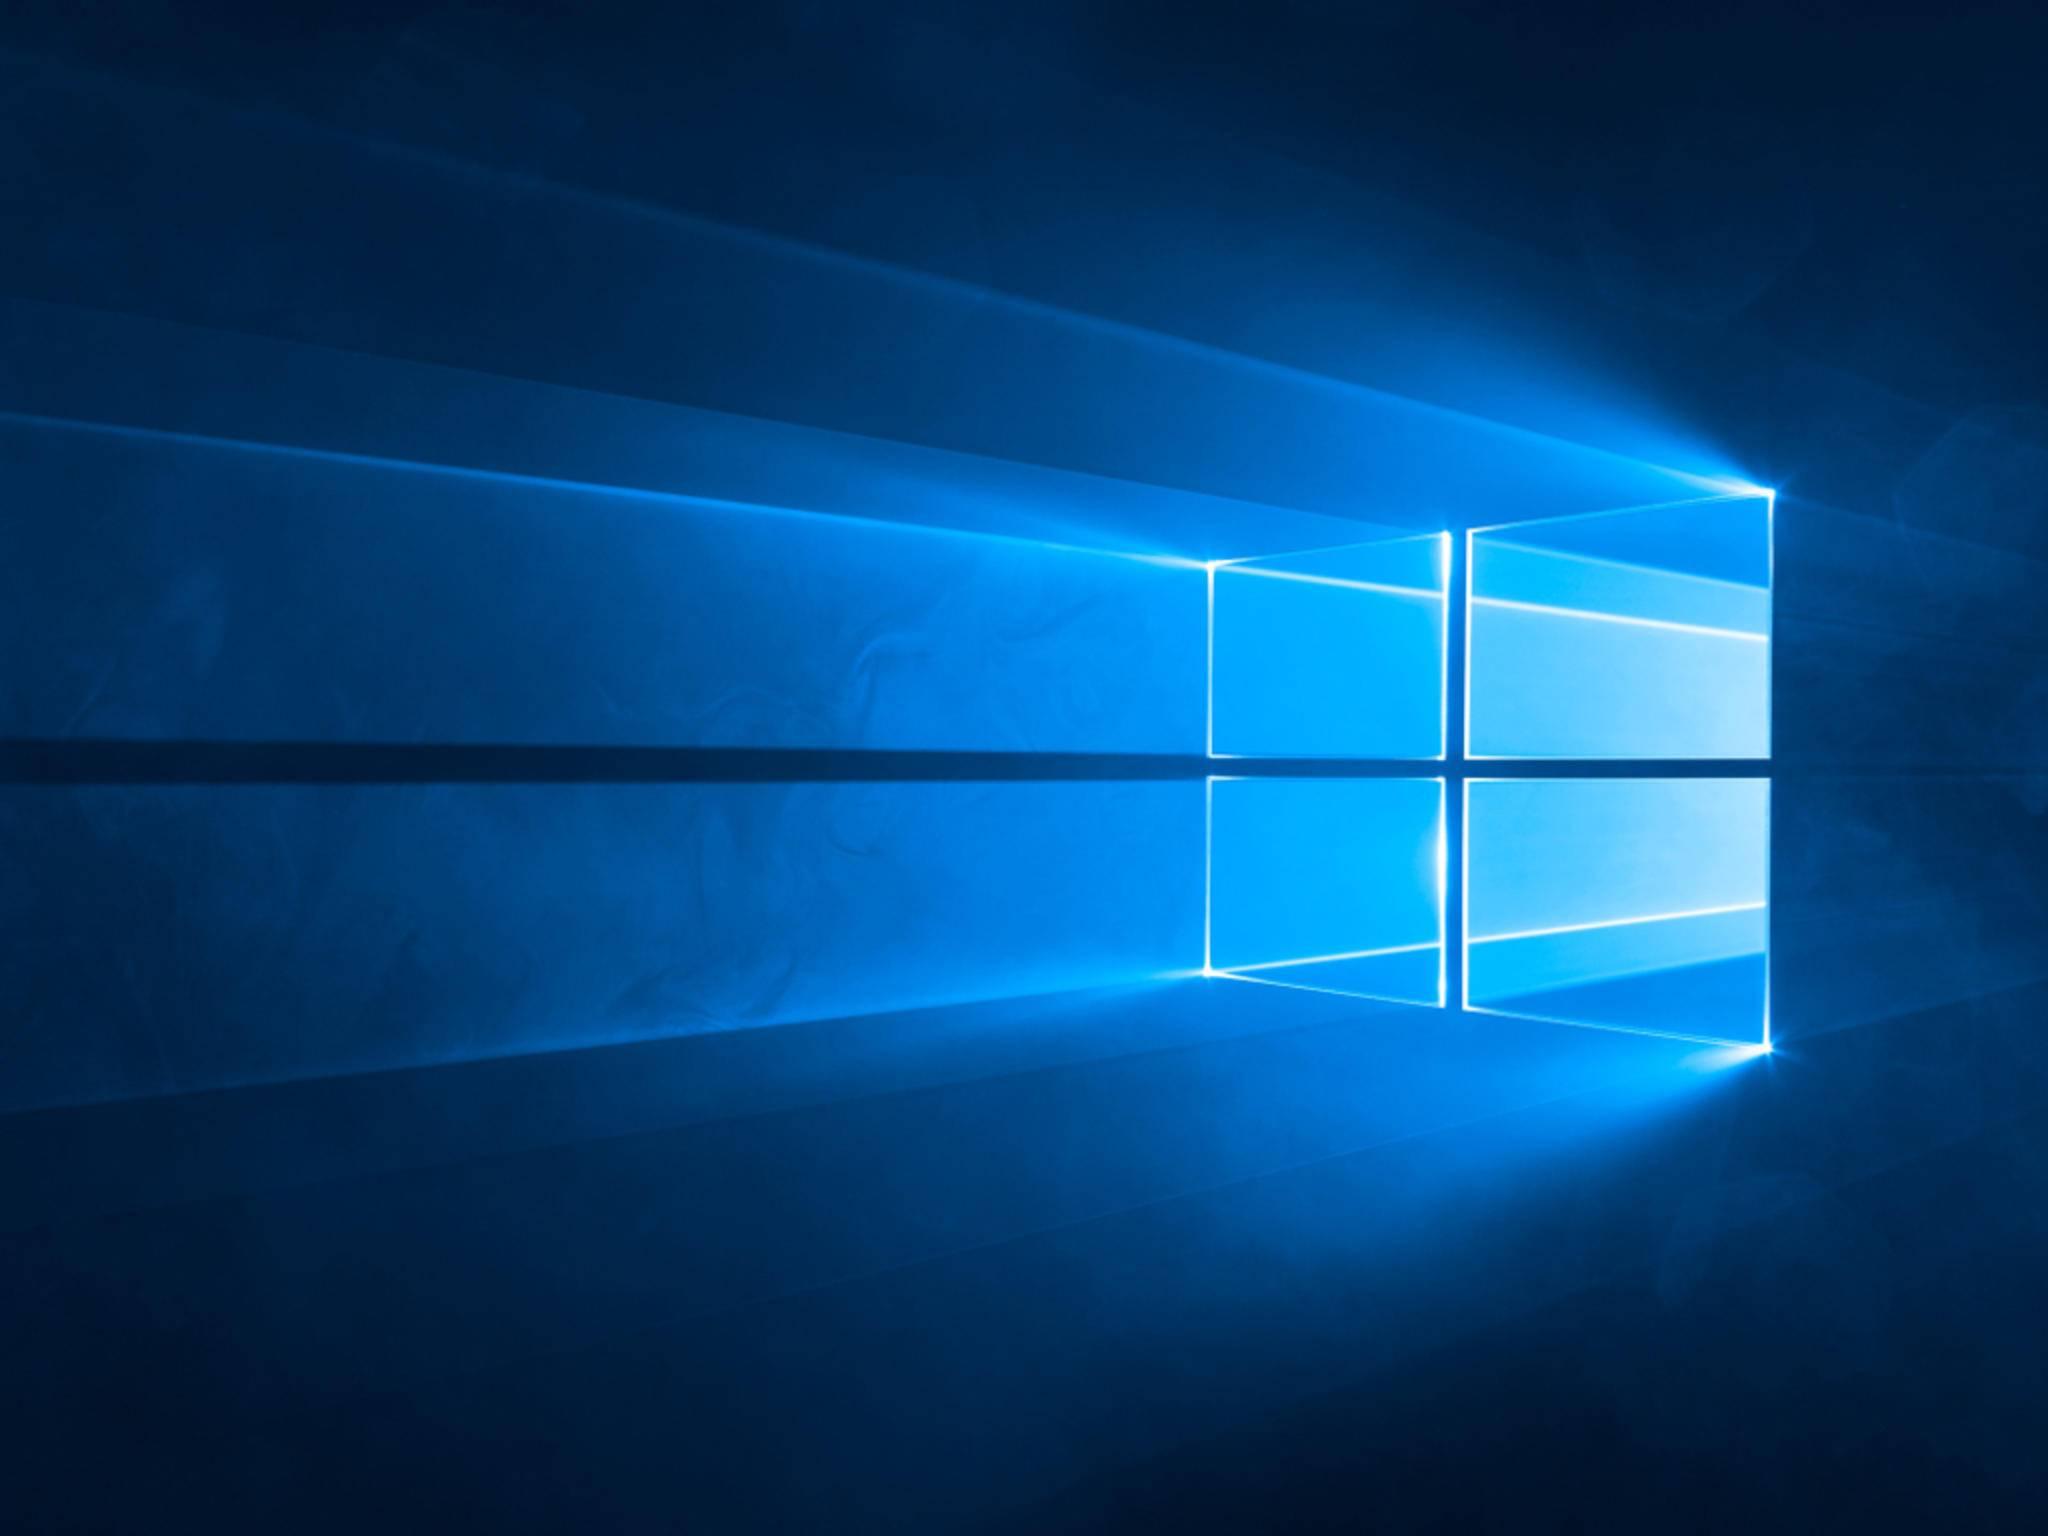 Mit Windows 10 könnte Microsoft verlorenes Terrain zurückerobern.